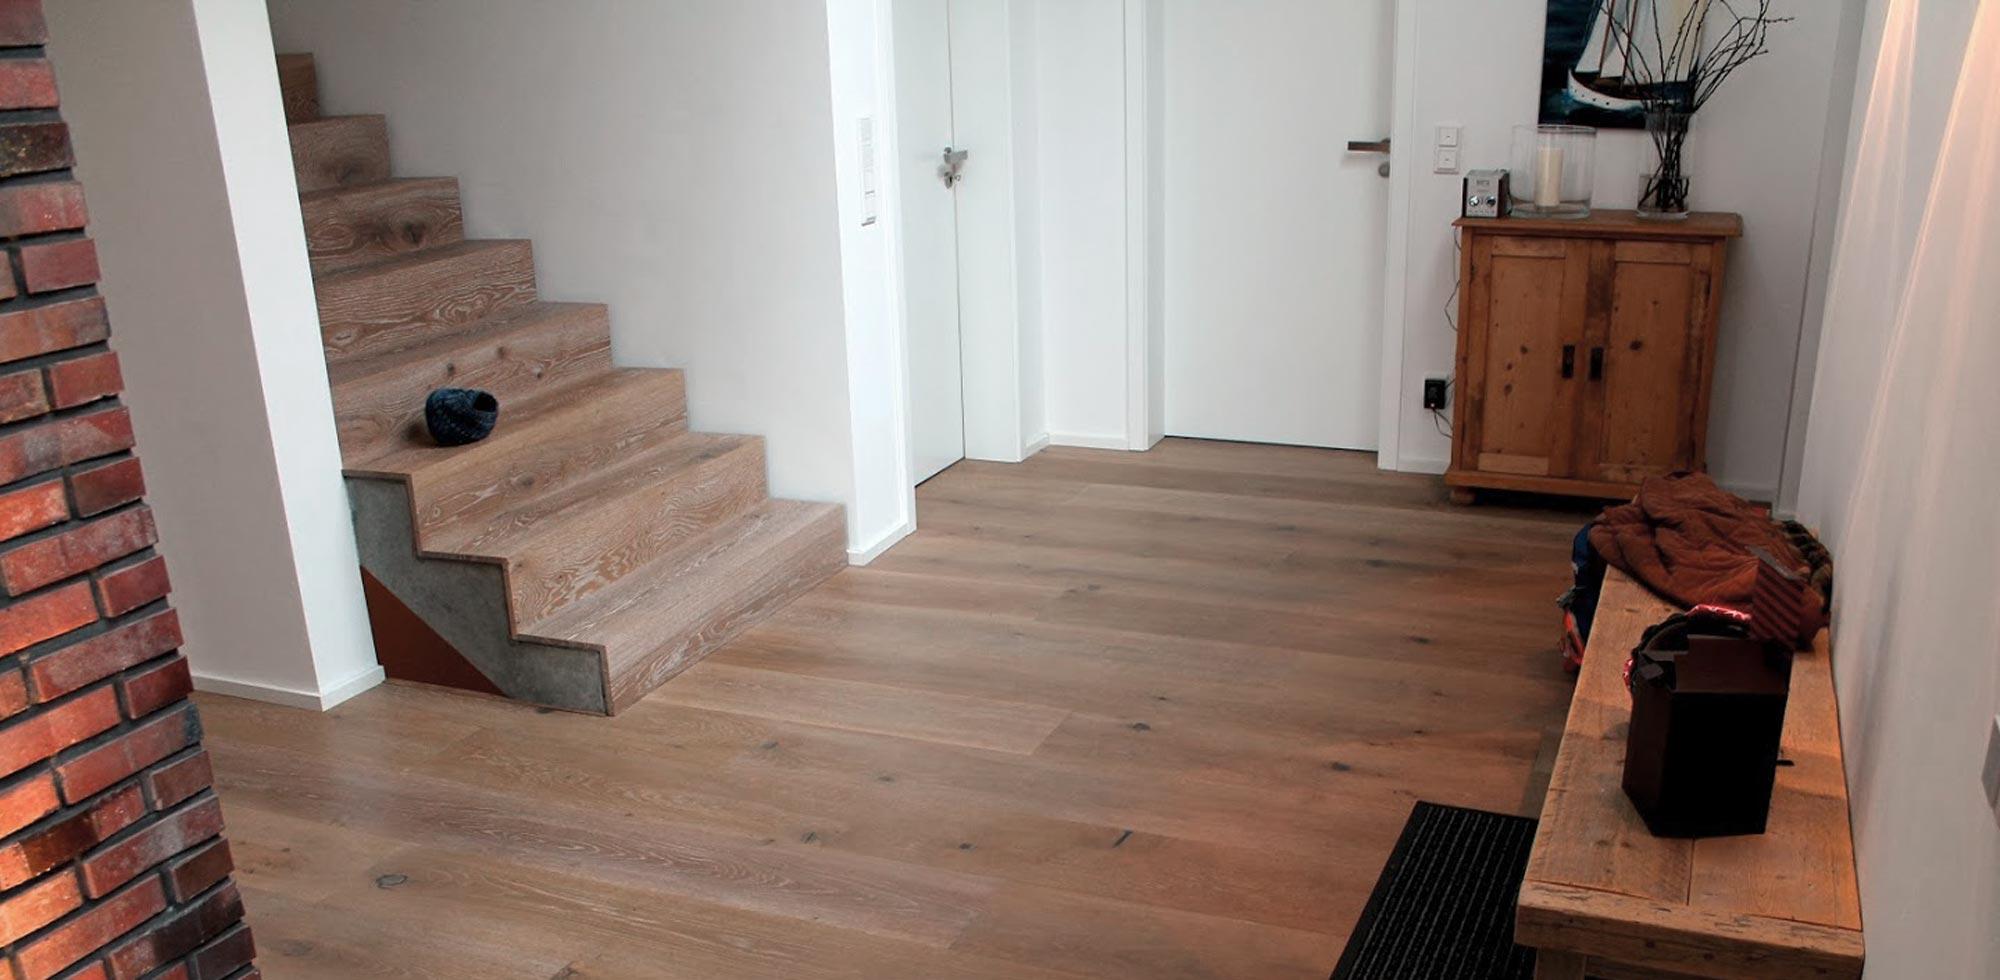 Treppenstufen aus Holz auf Beton – HolzLand Verbeek